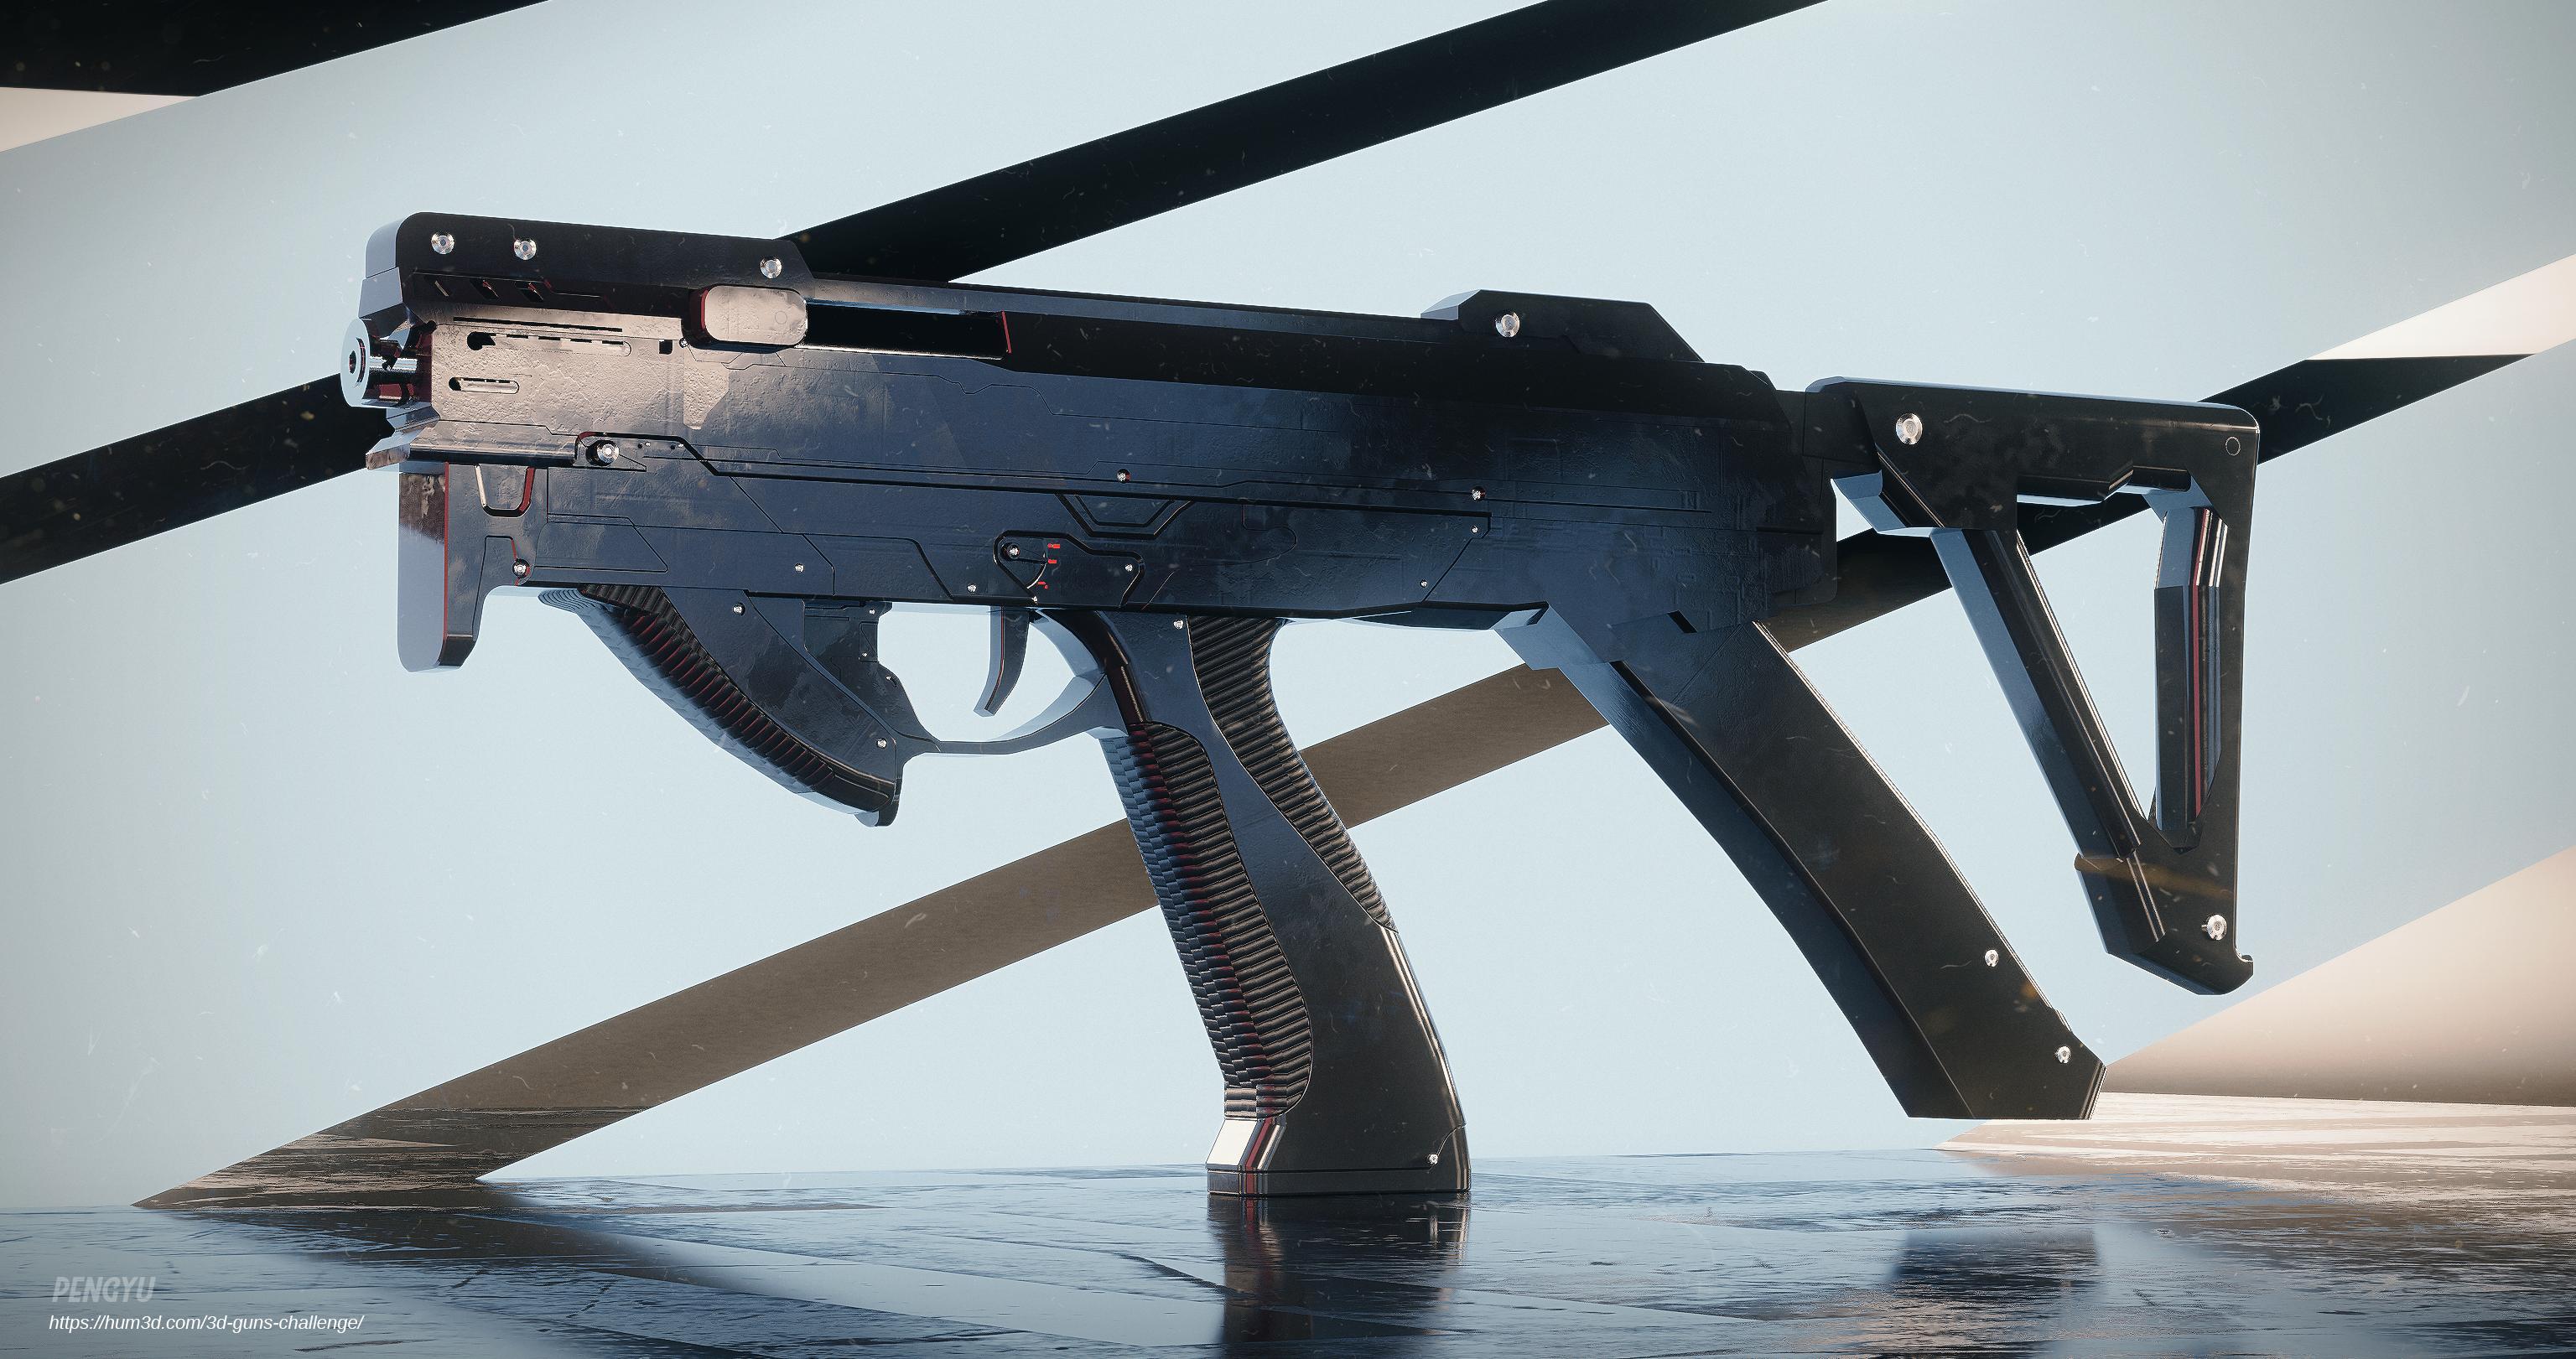 Compact PDW gun 3d art